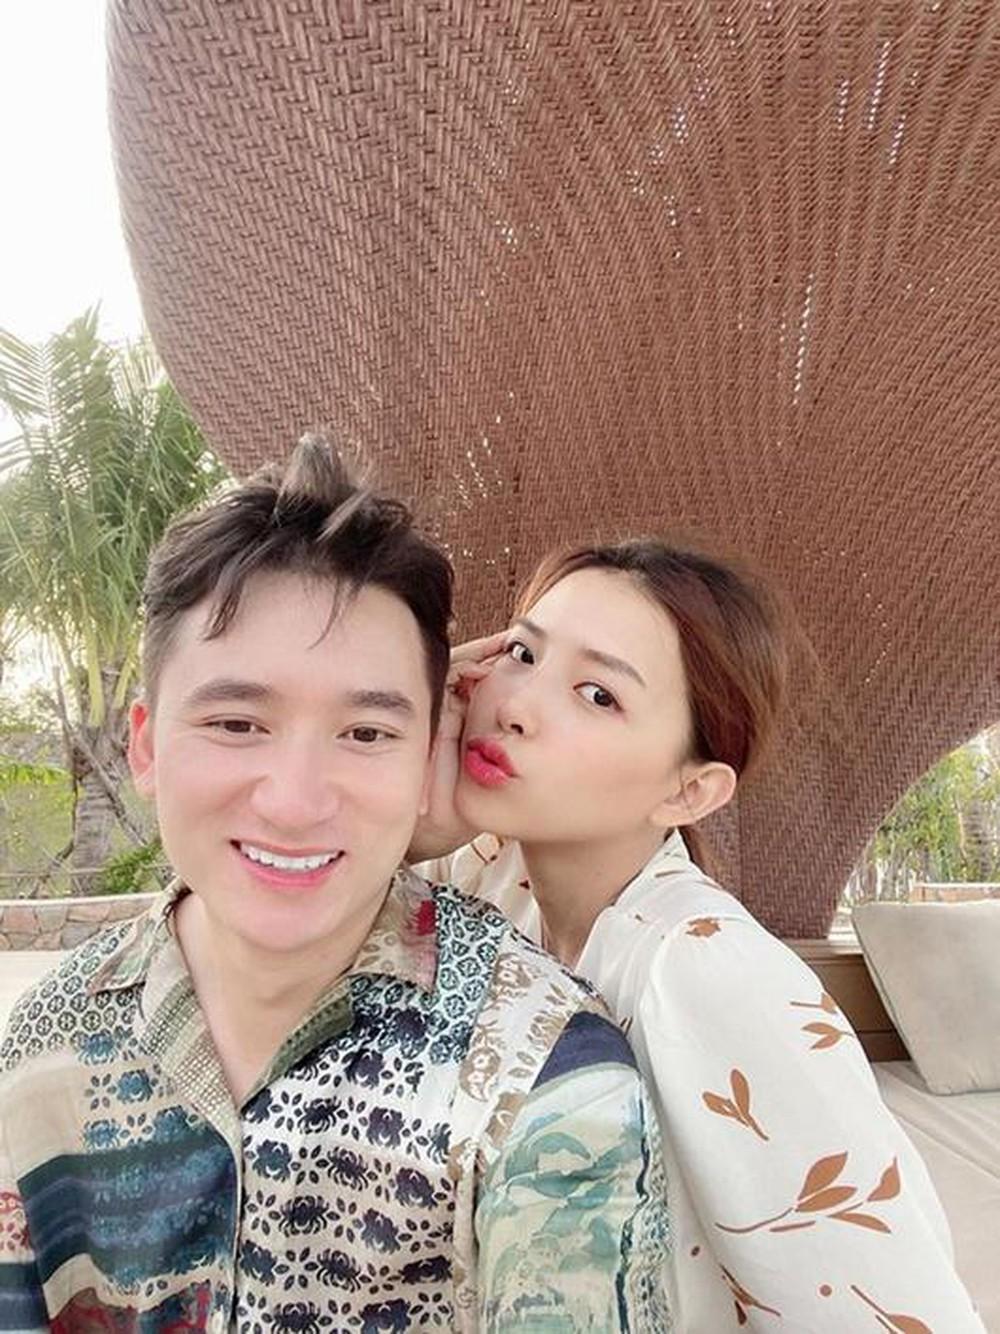 Phan Mạnh Quỳnh đăng ảnh kỷ niệm 2 năm ngỏ lời cầu hôn, nói lời ngôn tình với bạn gái